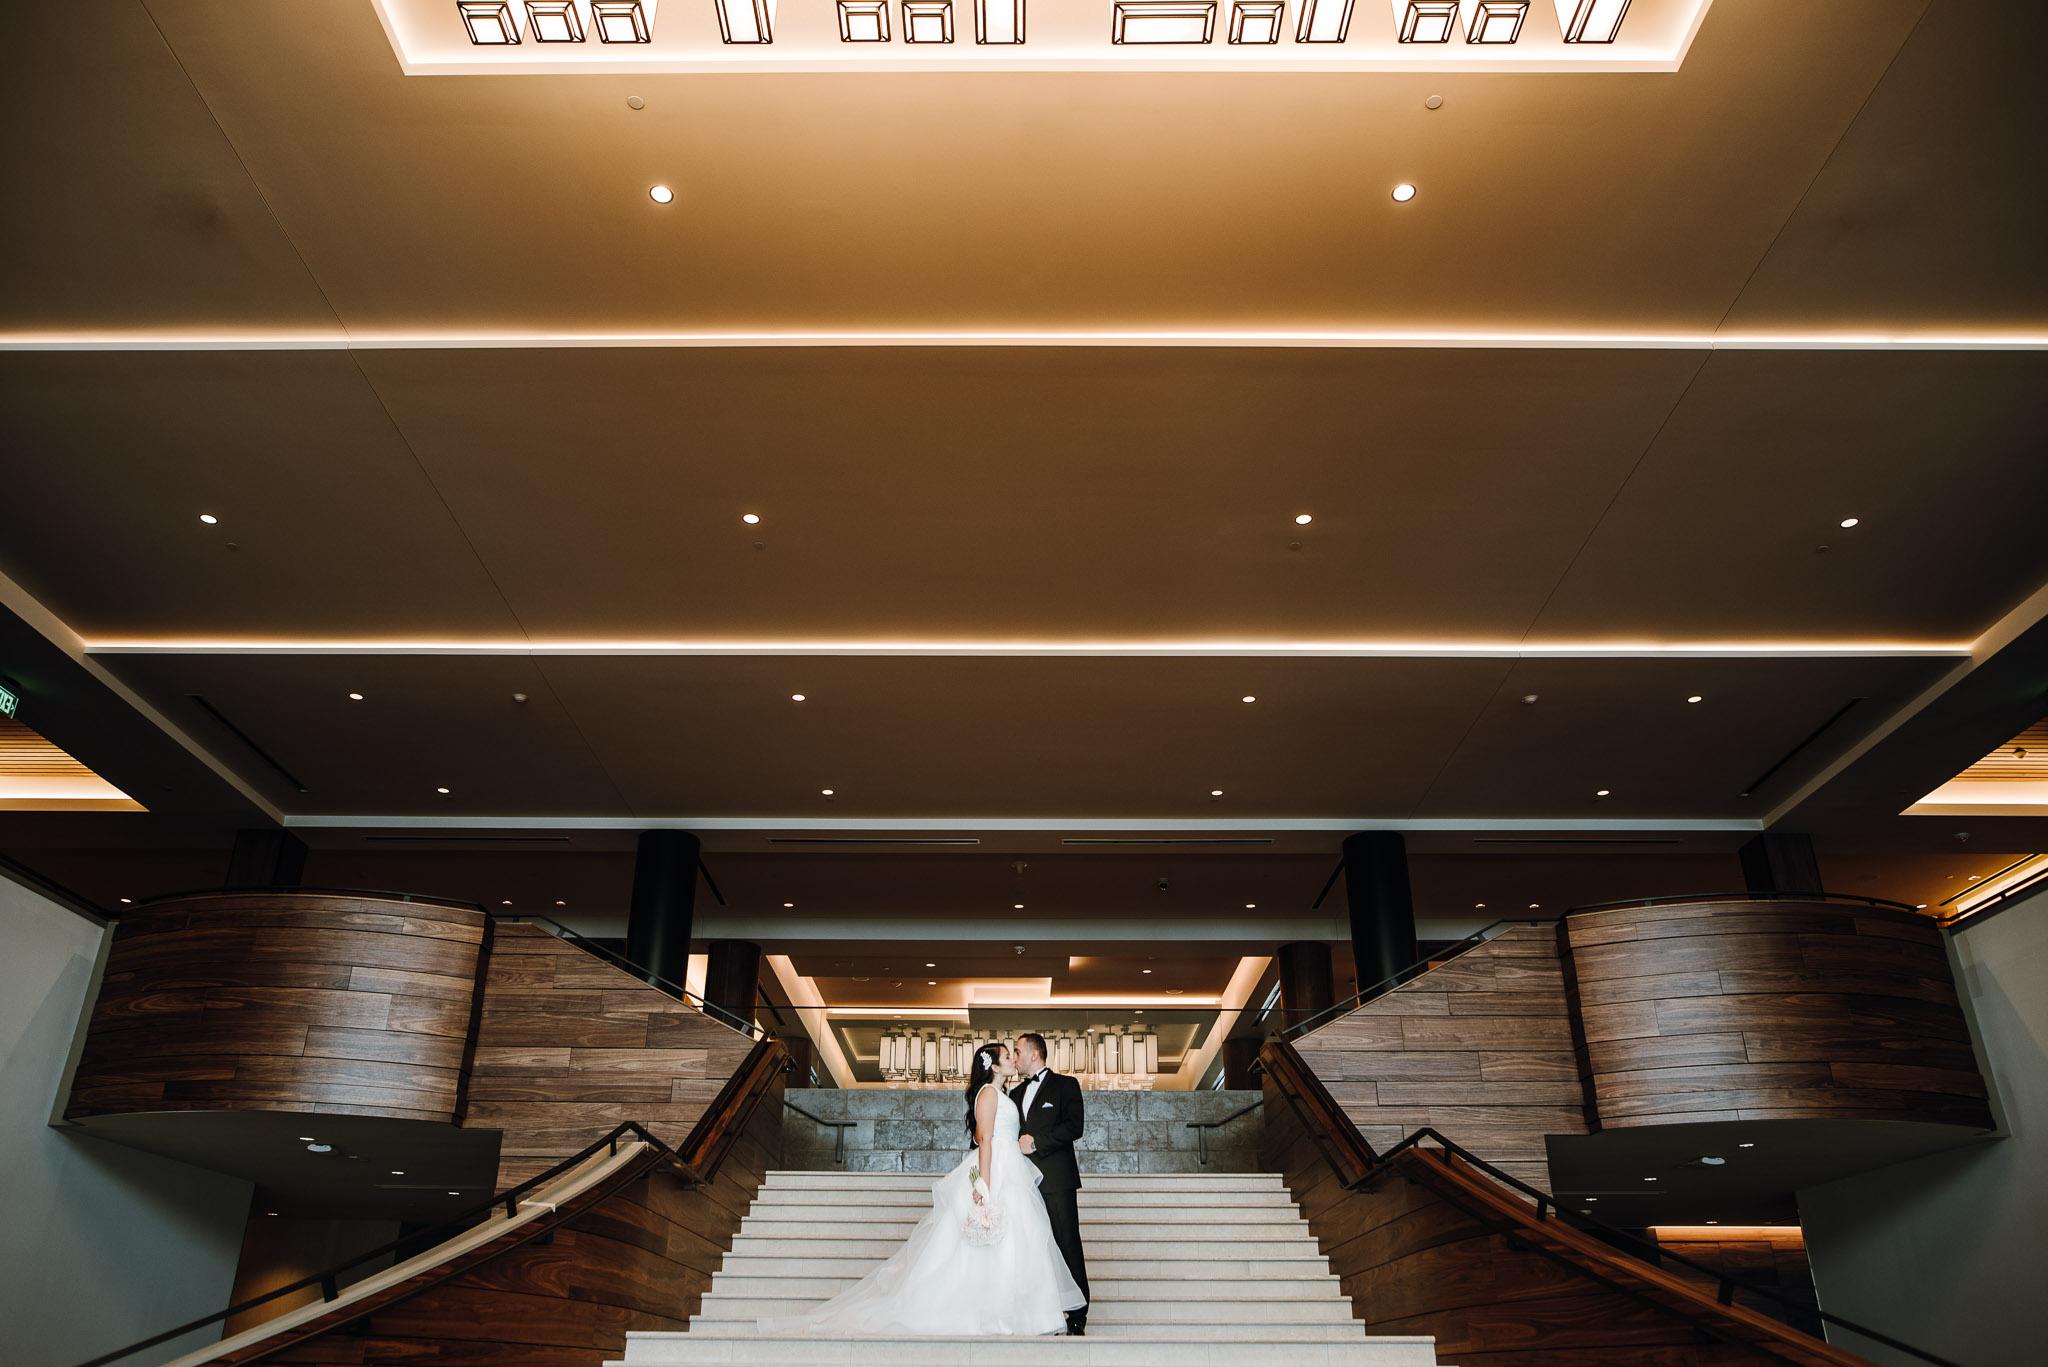 Hyatt-Regency-Lake-Washington-Wedding-Renton-Washington-0011.jpg